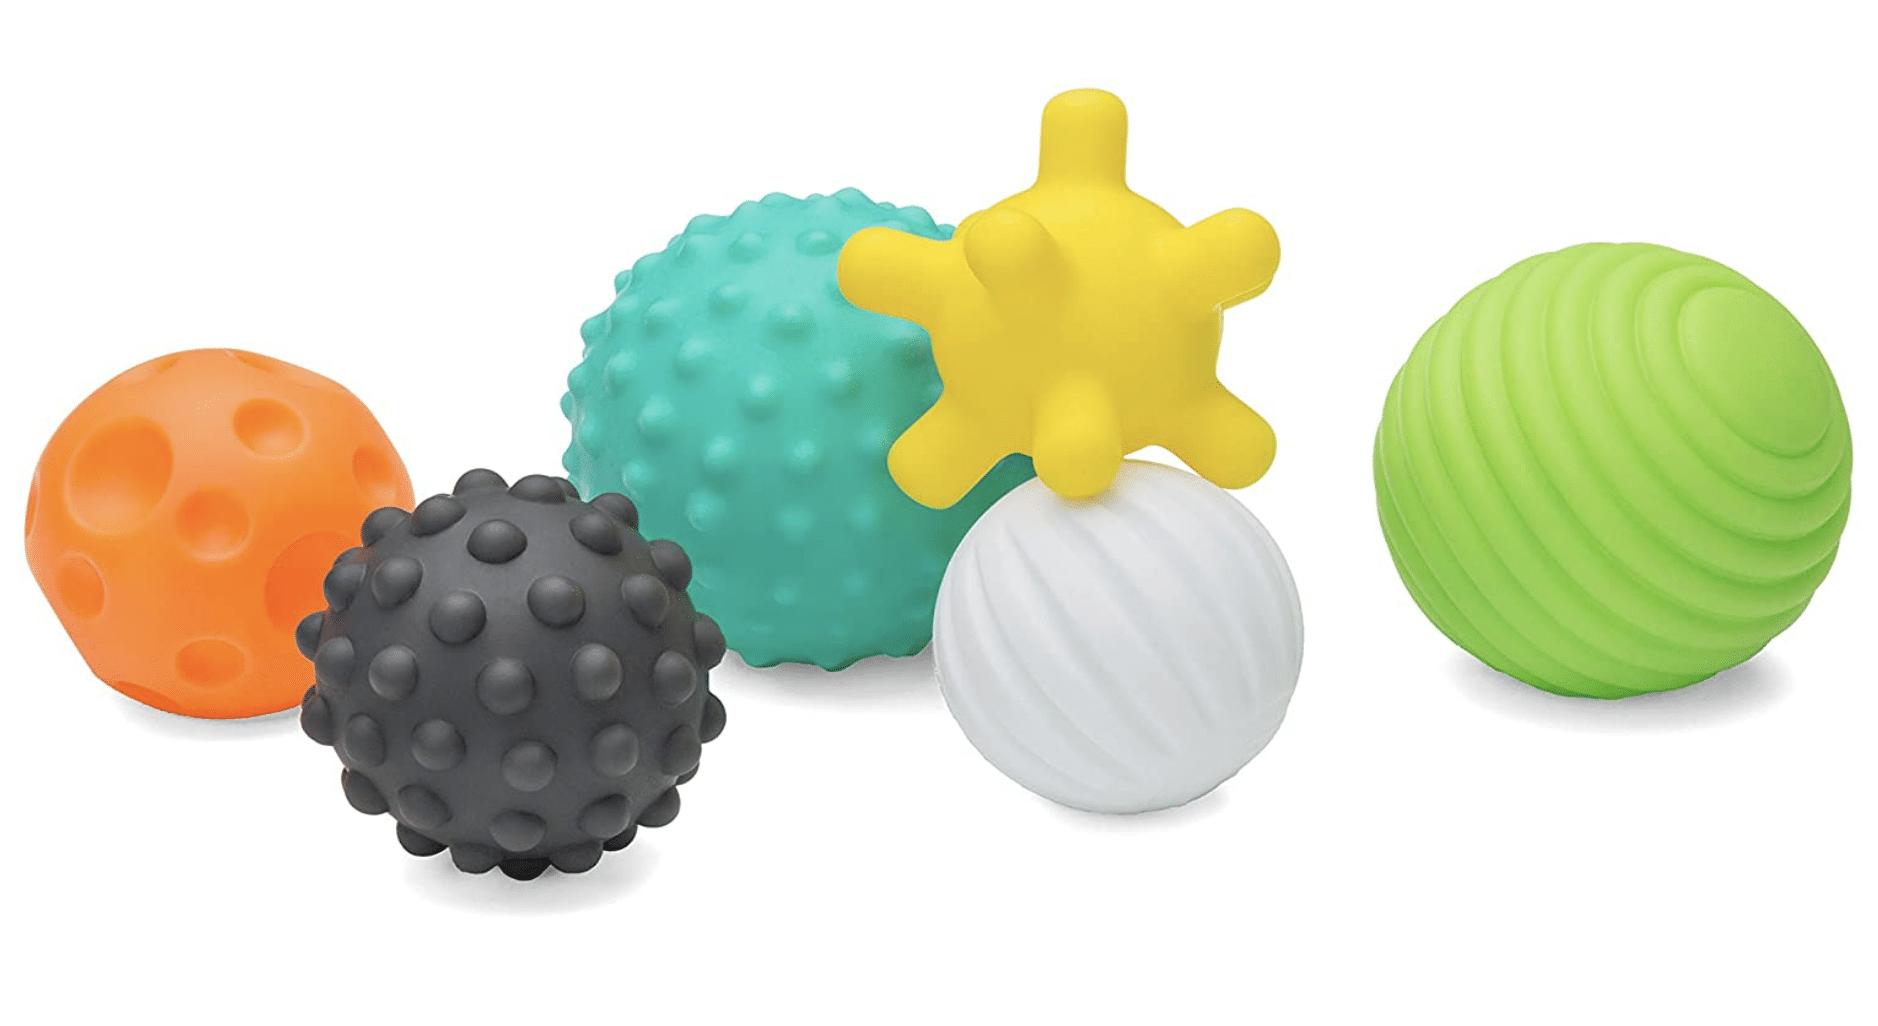 stocking-stuffer-ideas-for-kids-balls